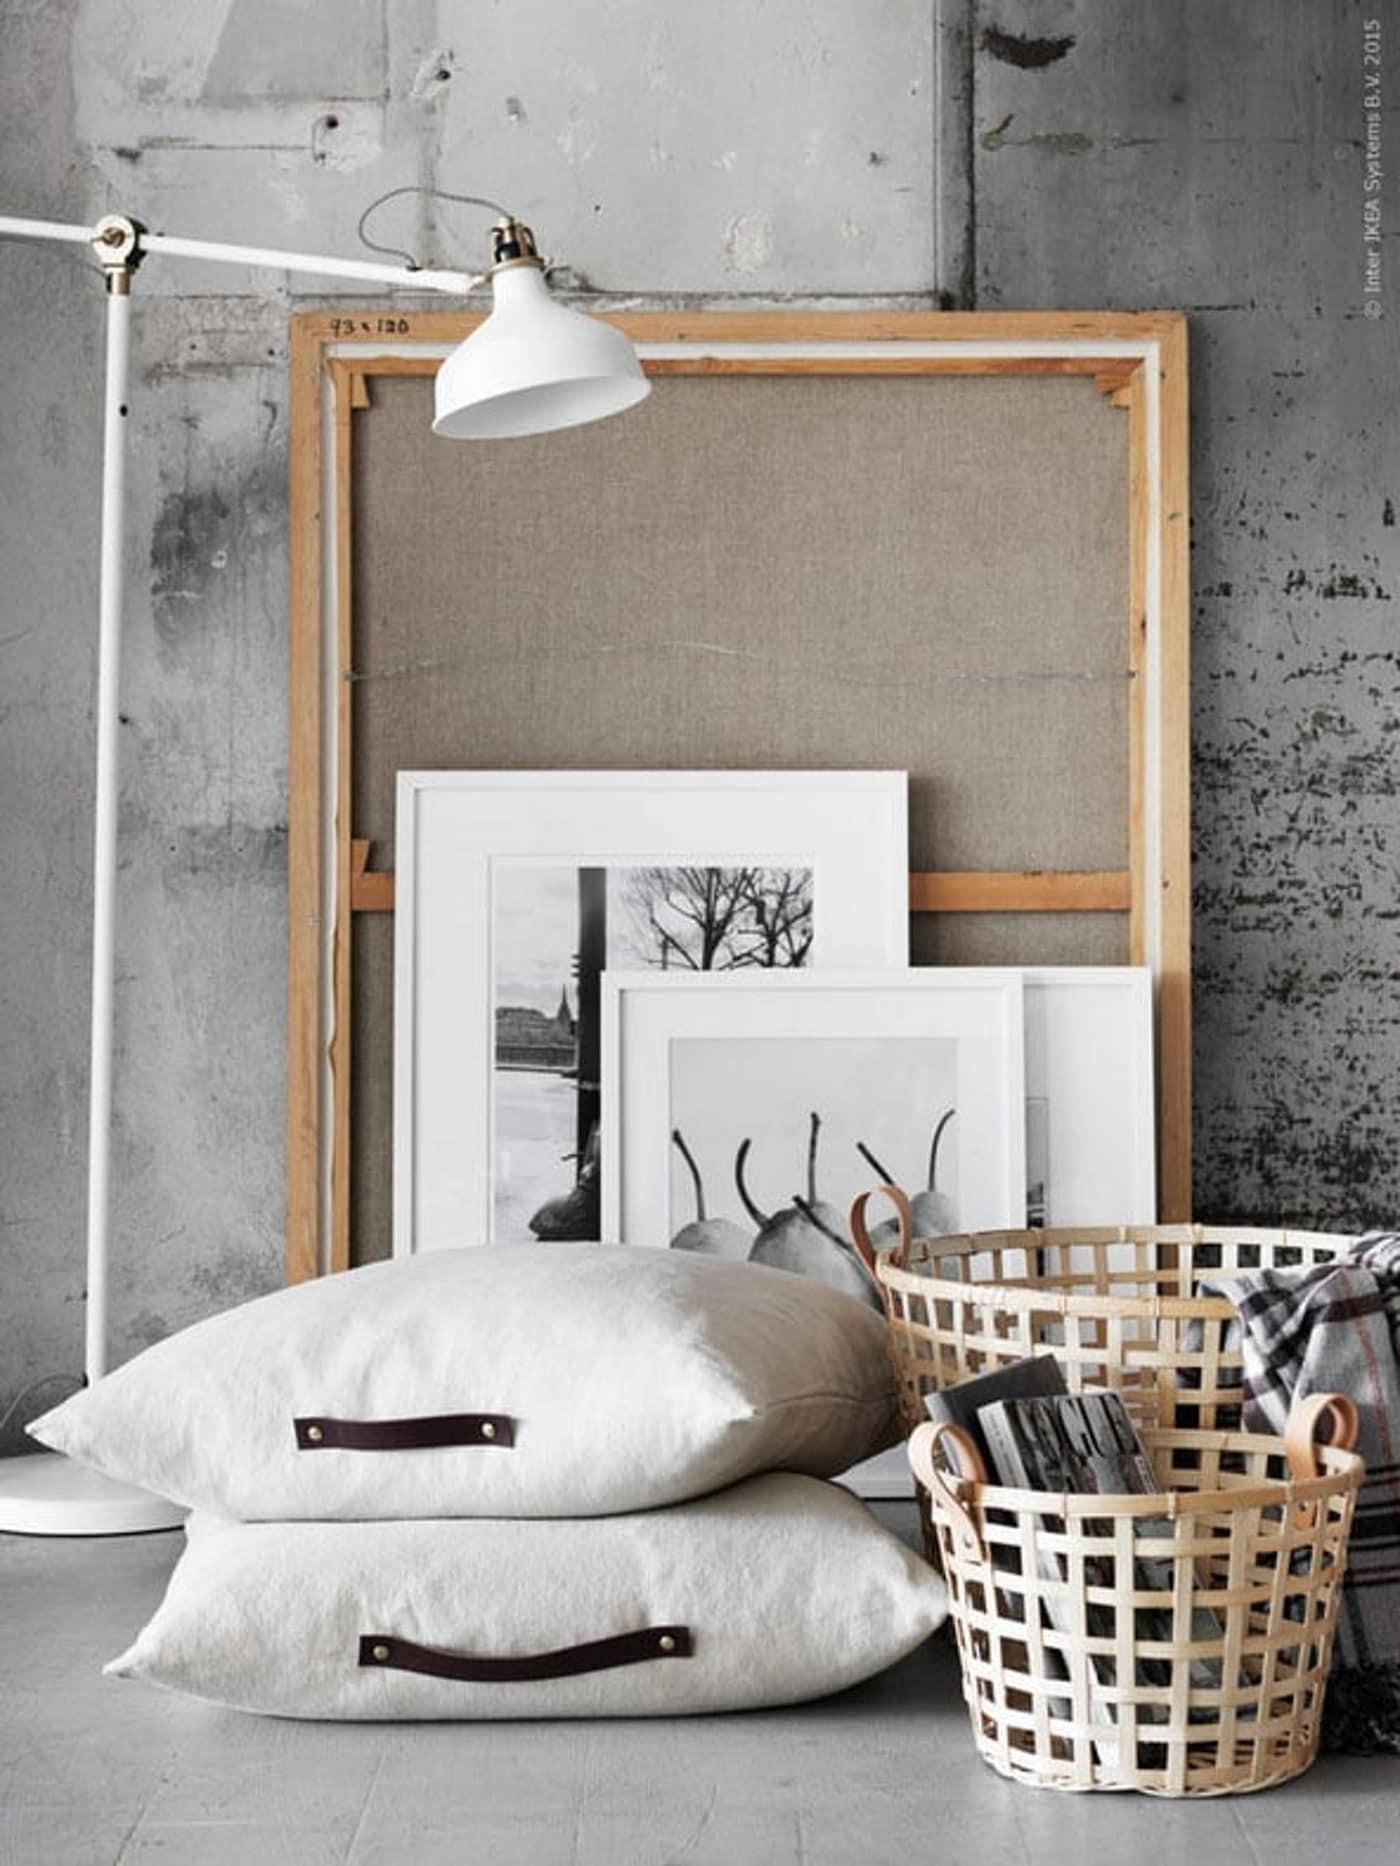 Leer in je interieur - handvatten DIY - IKEA wooninspiratie